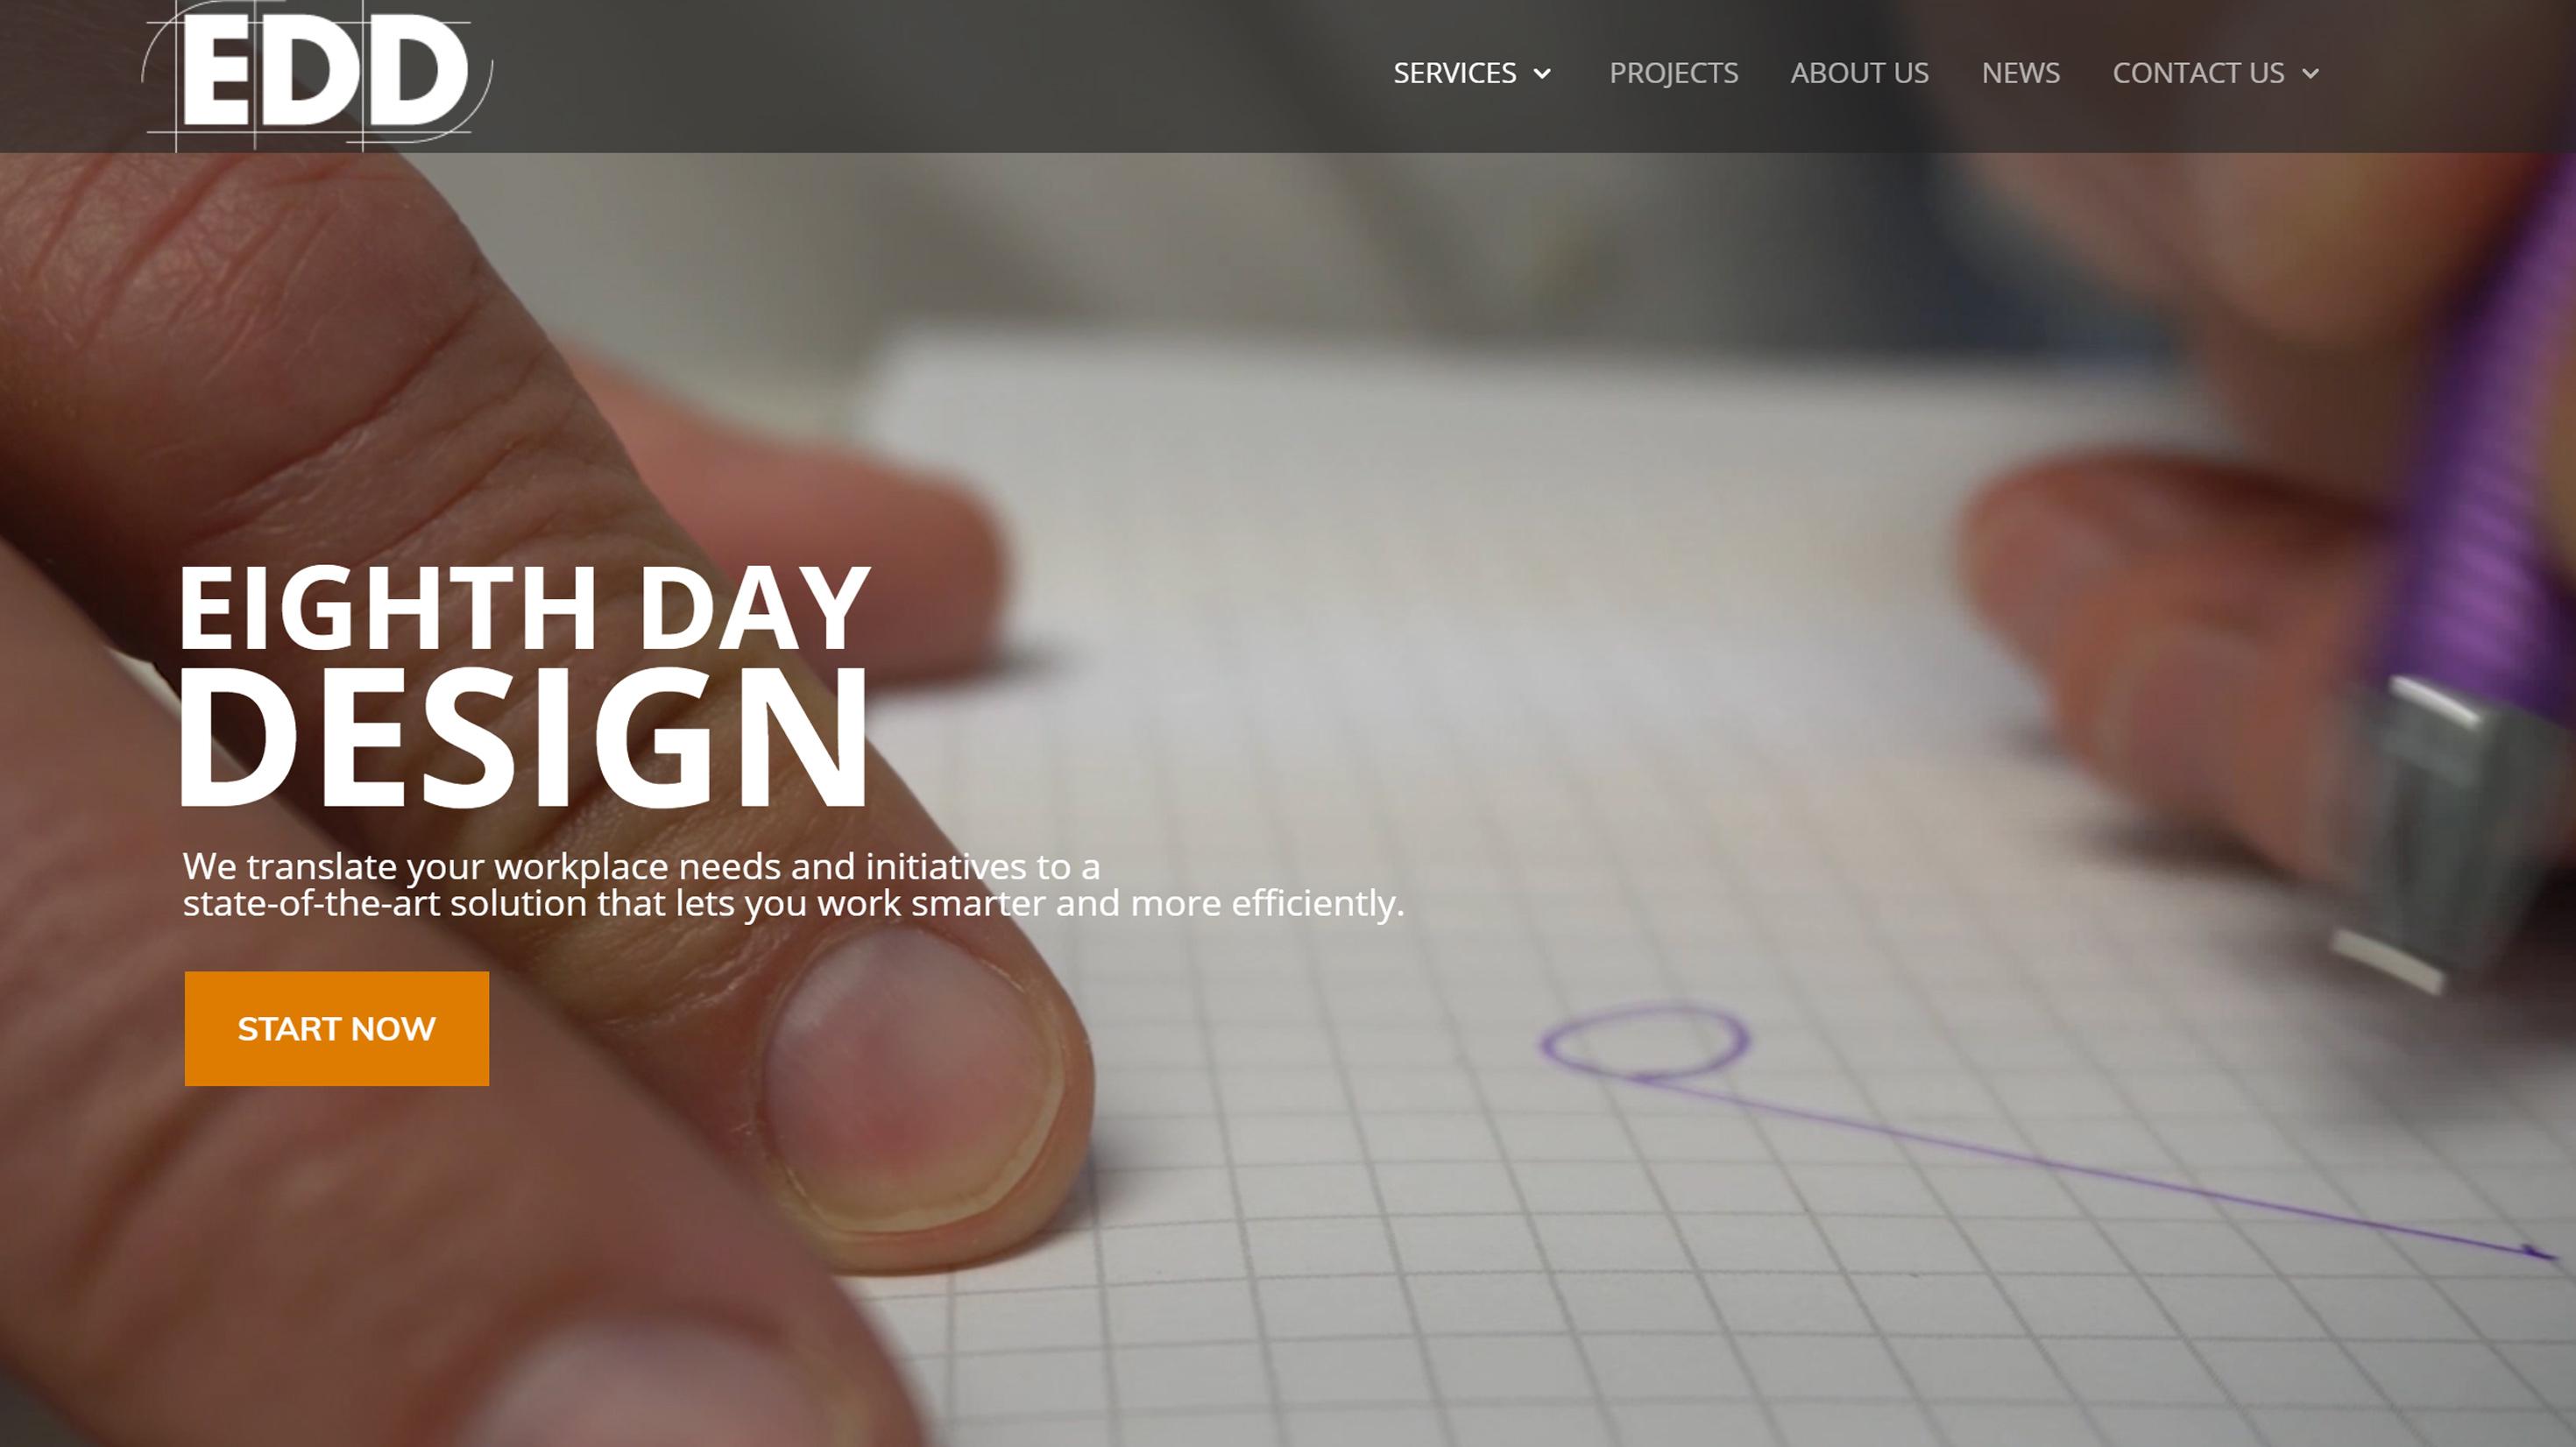 Eighth Day Design Website